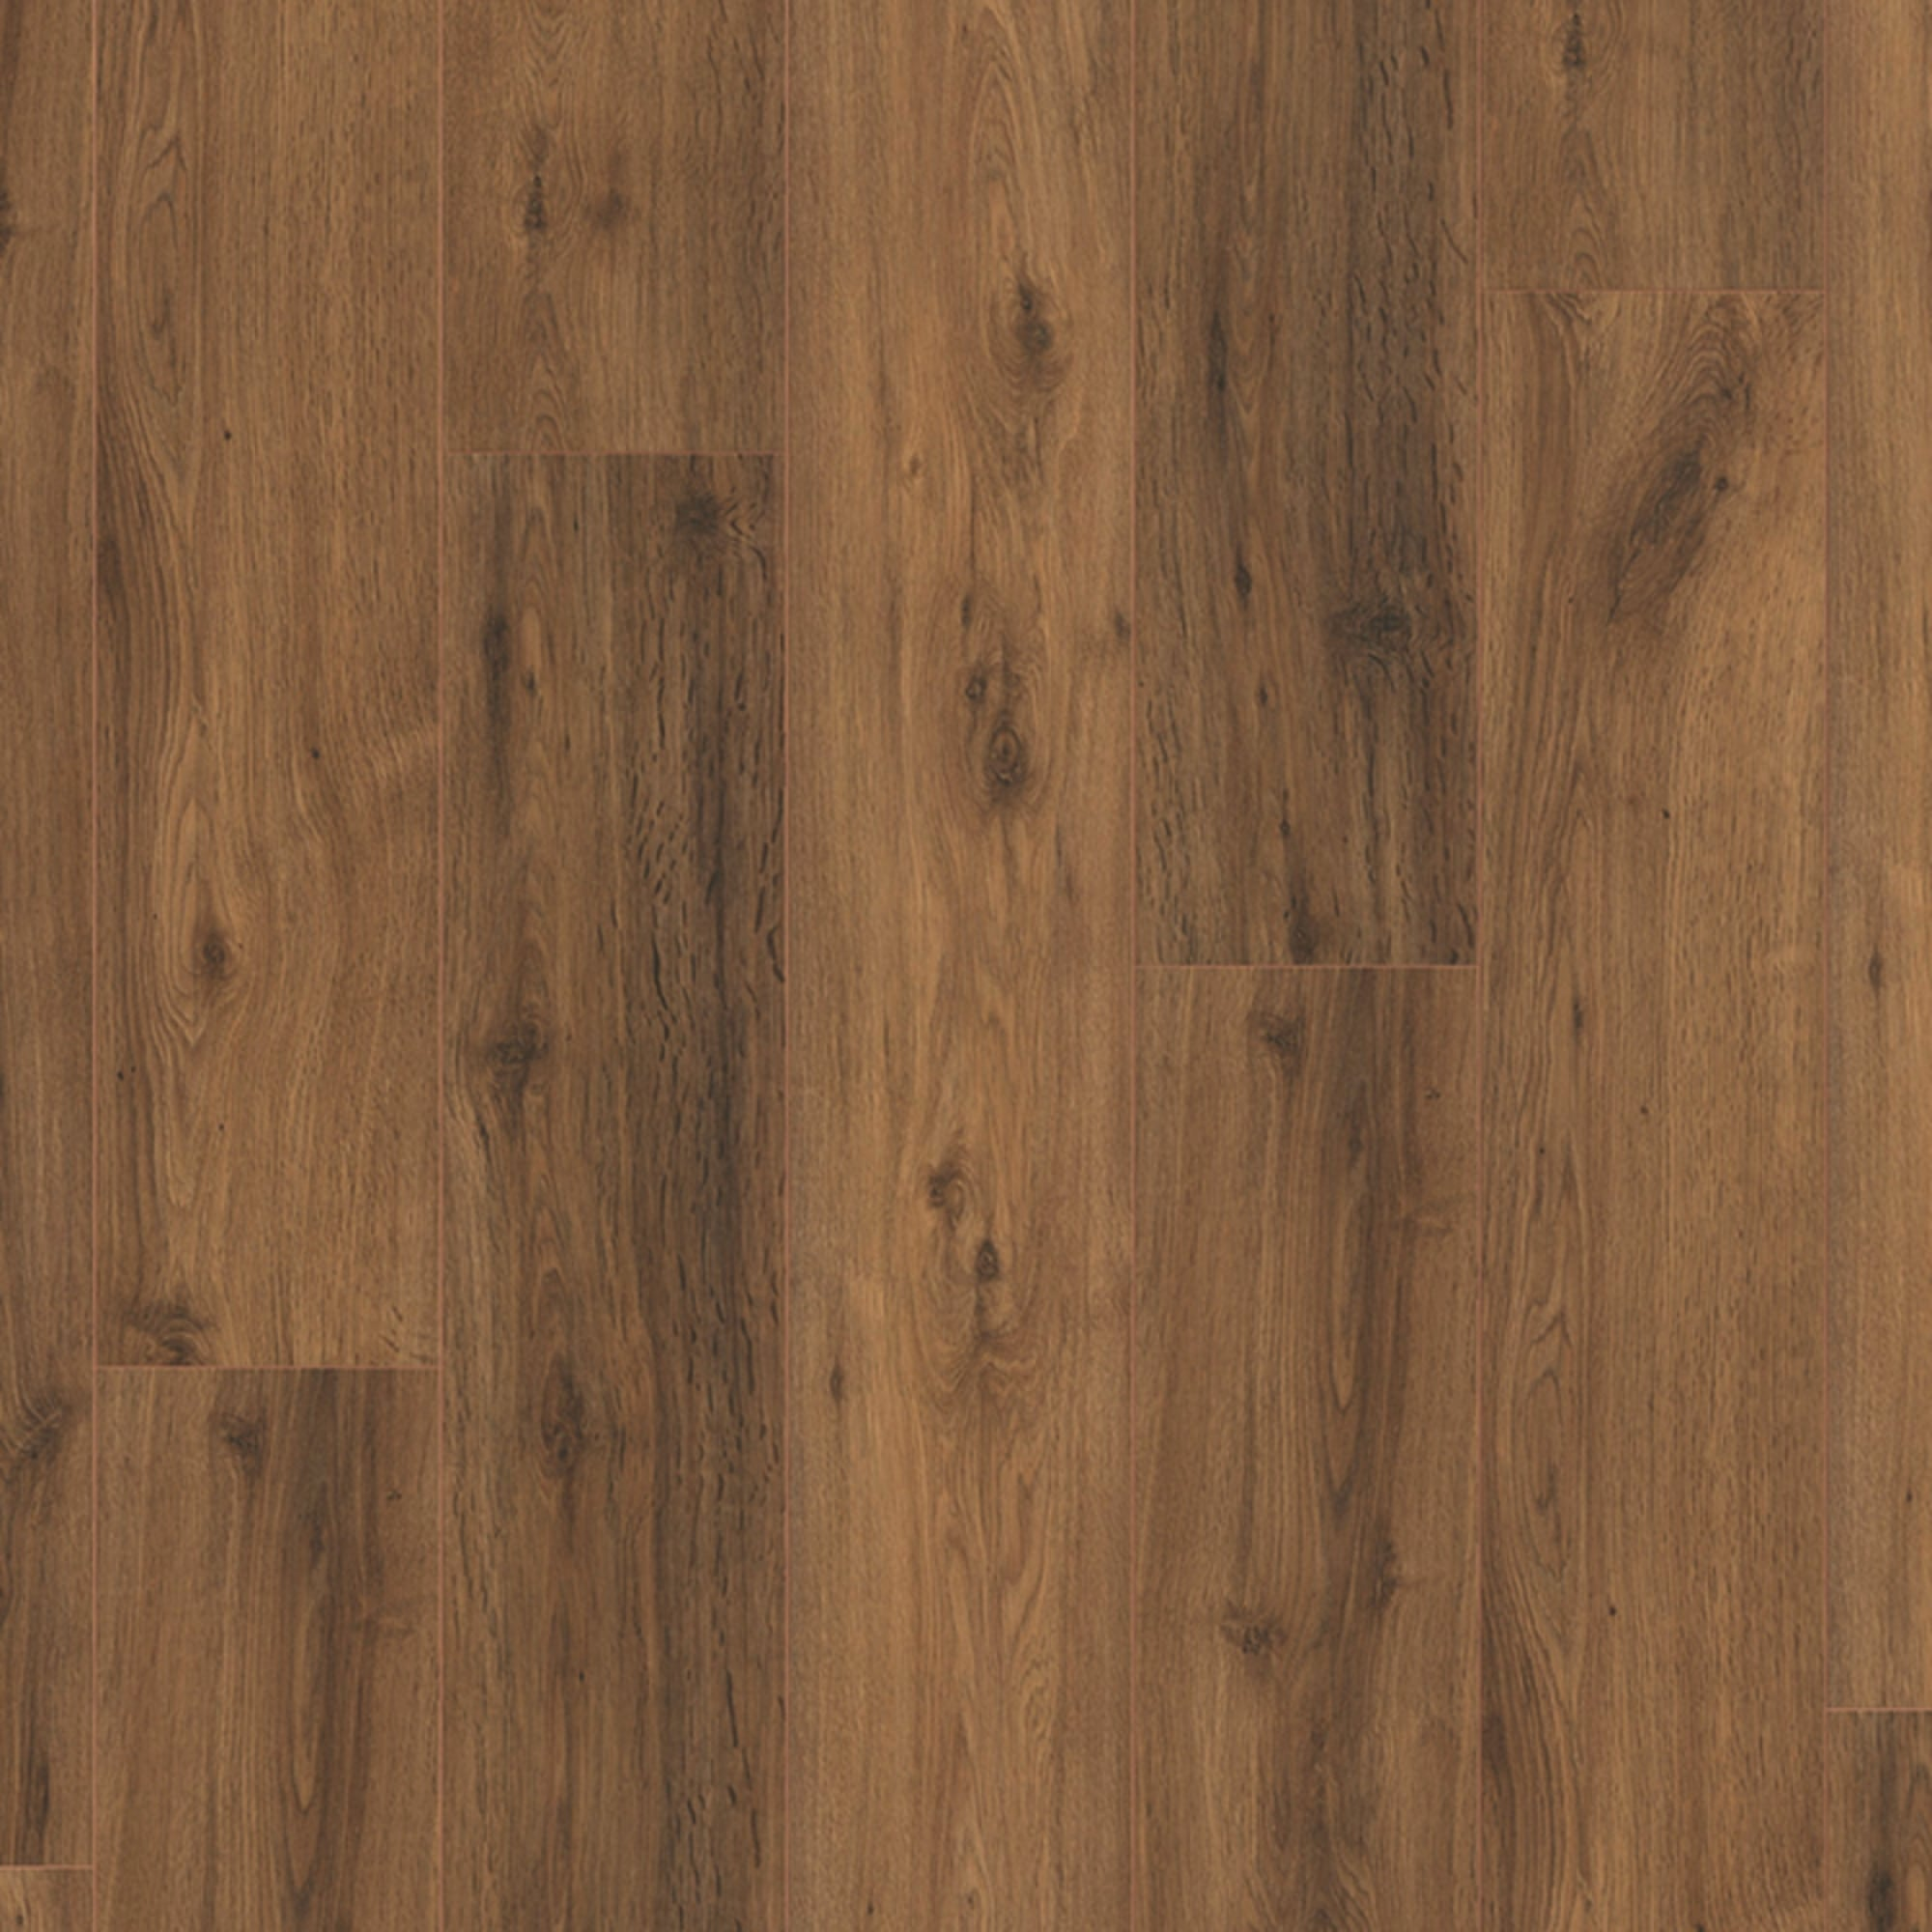 Wood Flooring Ld75 Brown Chiemsee Oak Laminate Flooring